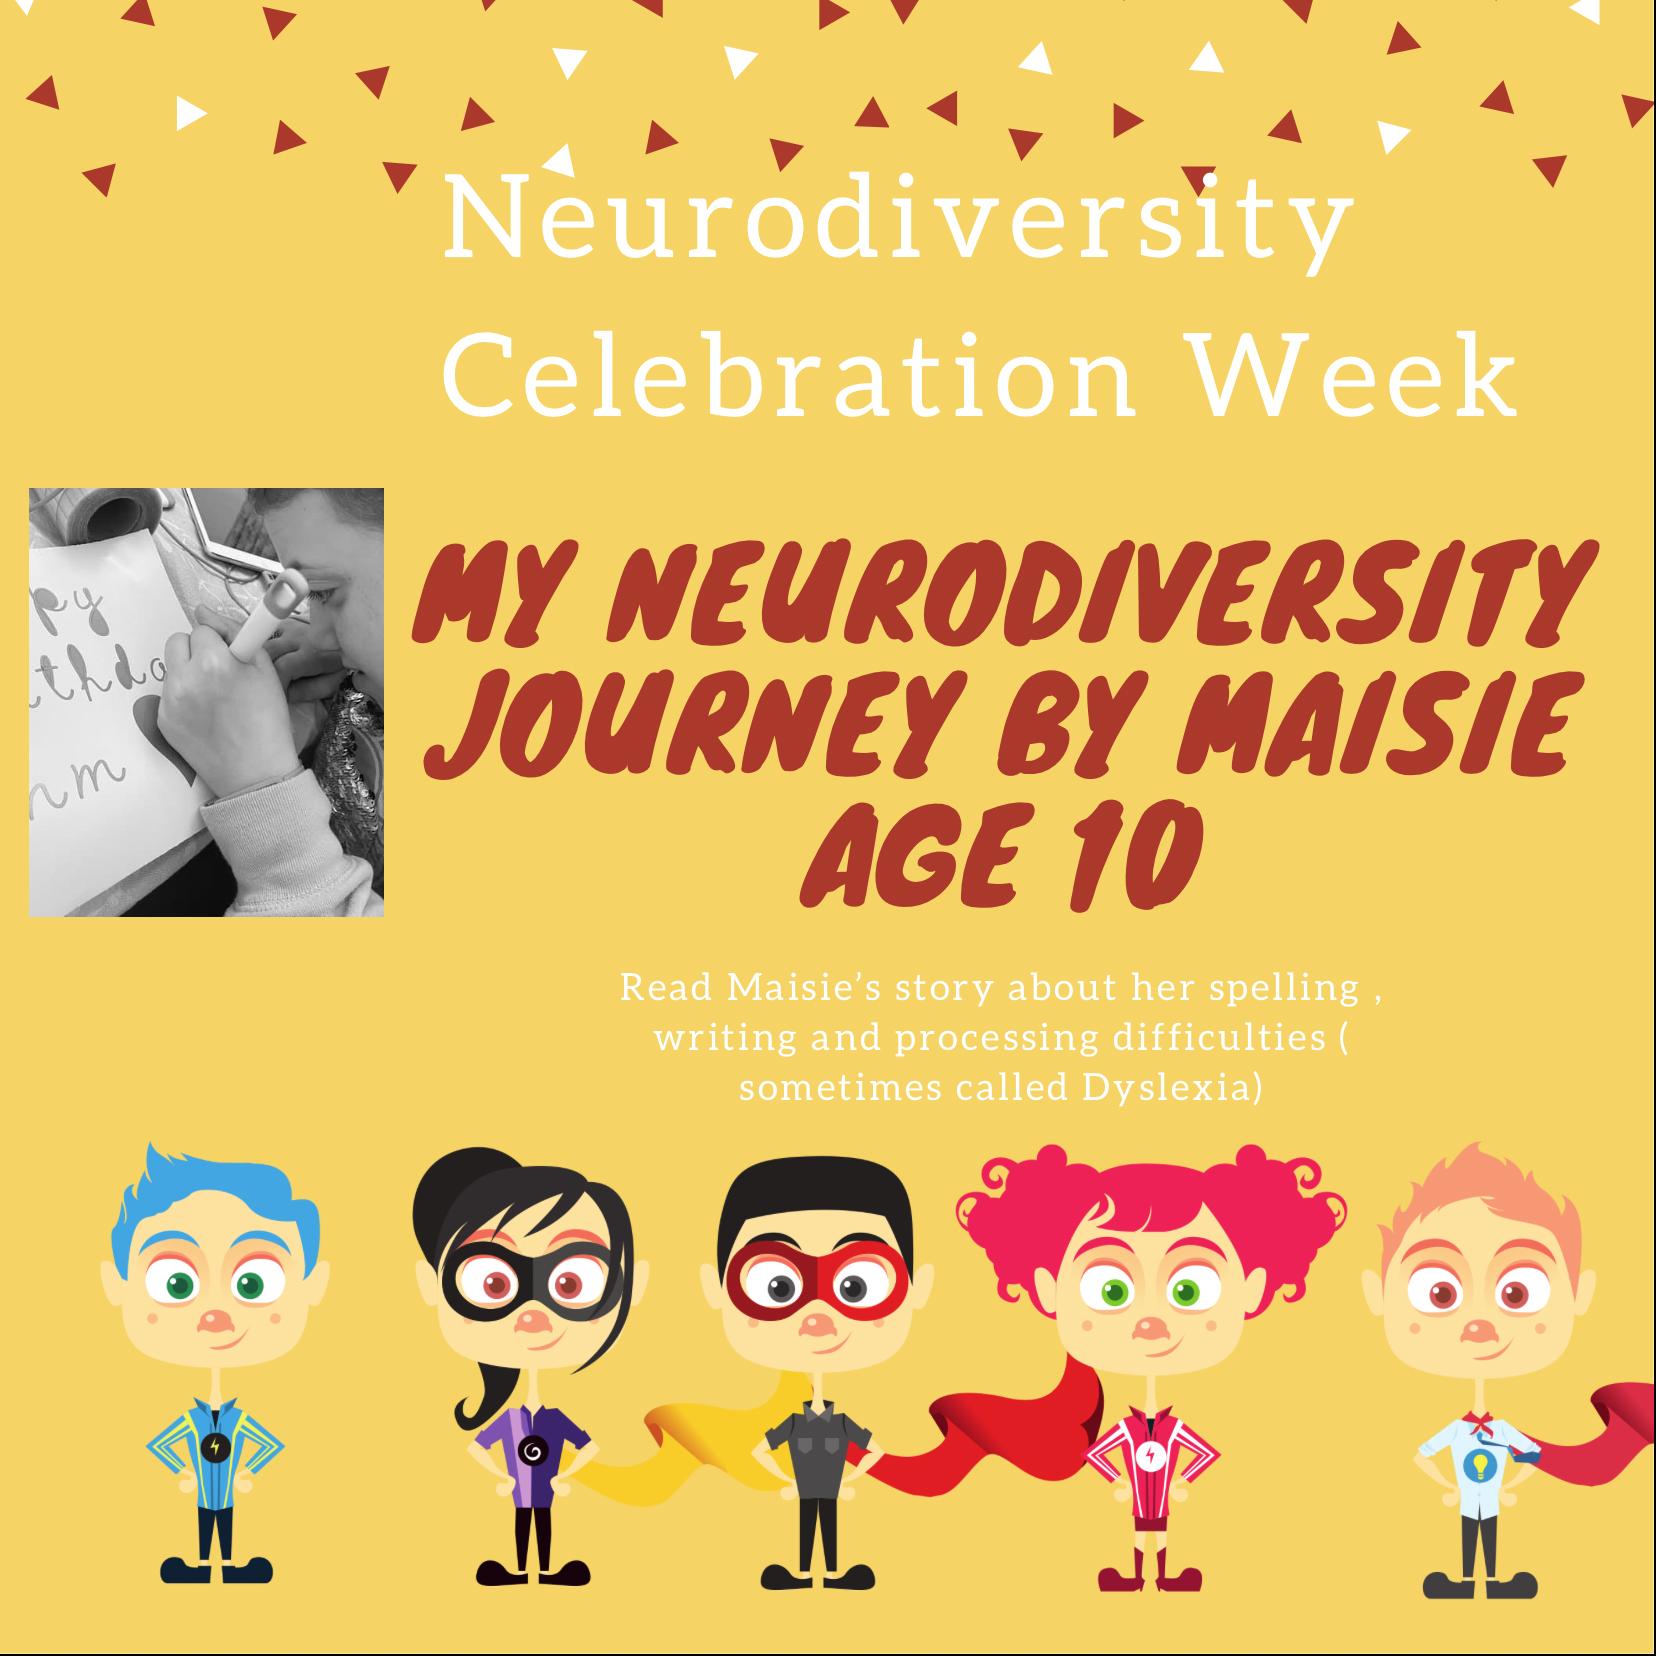 My Neurodiversity journey by Maisie age 10